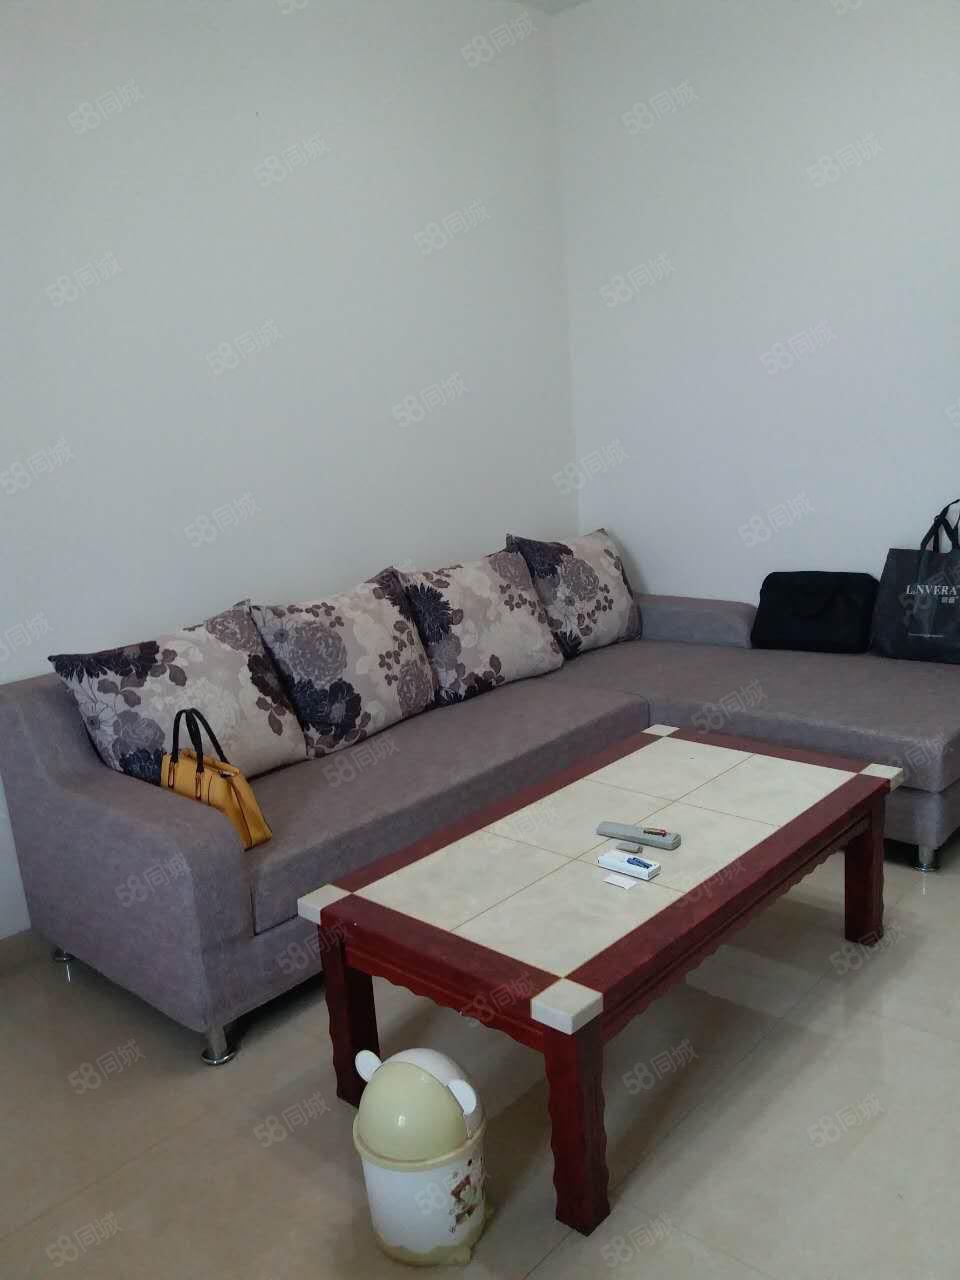 全新装修一室,家具家电齐全,拎包入住